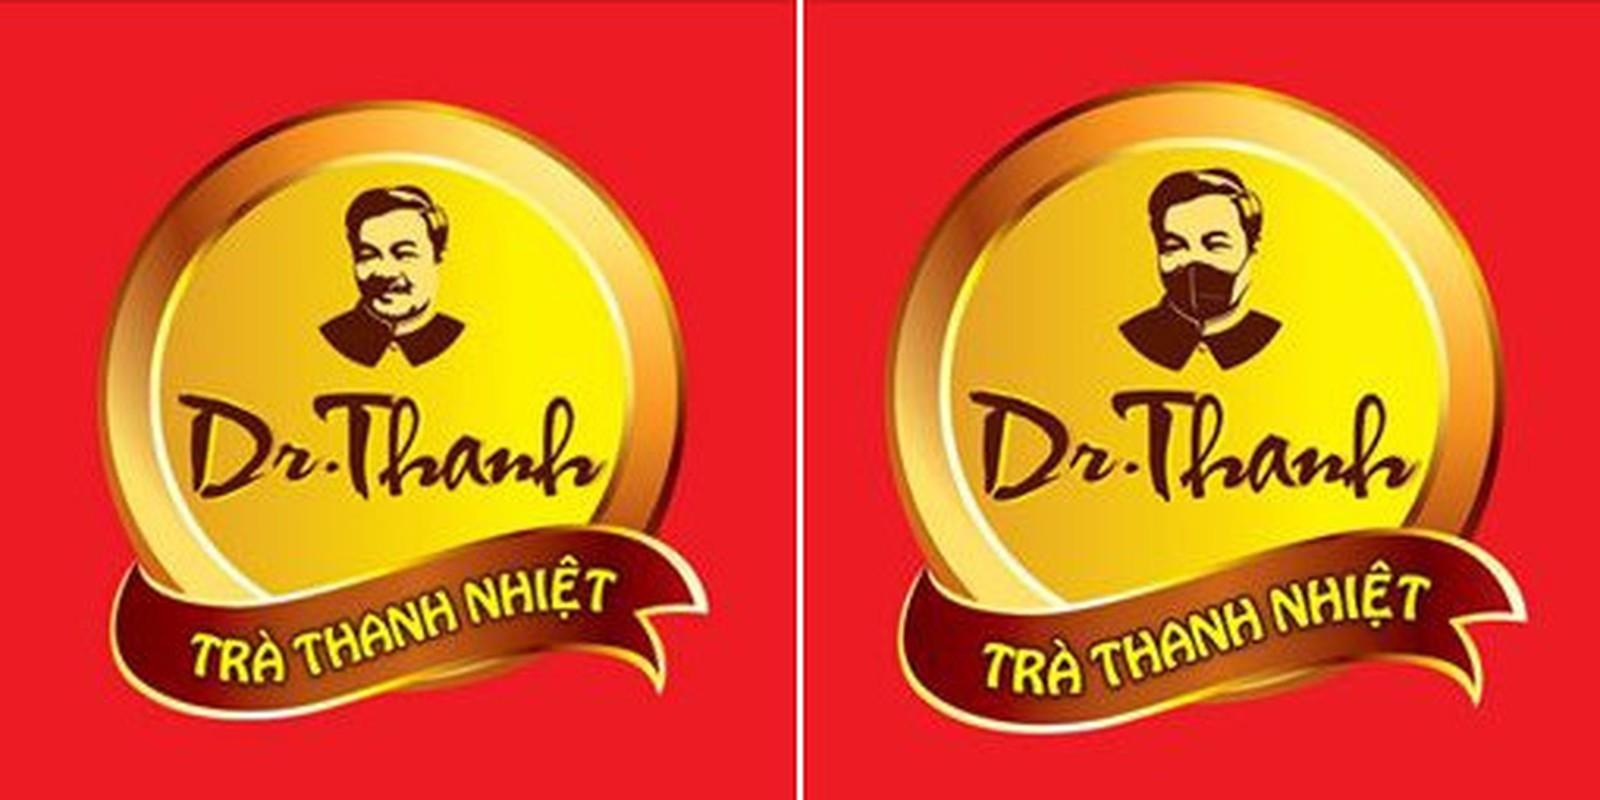 Hang loat logo cac thuong hieu noi tieng thay doi phien ban chong COVID-19